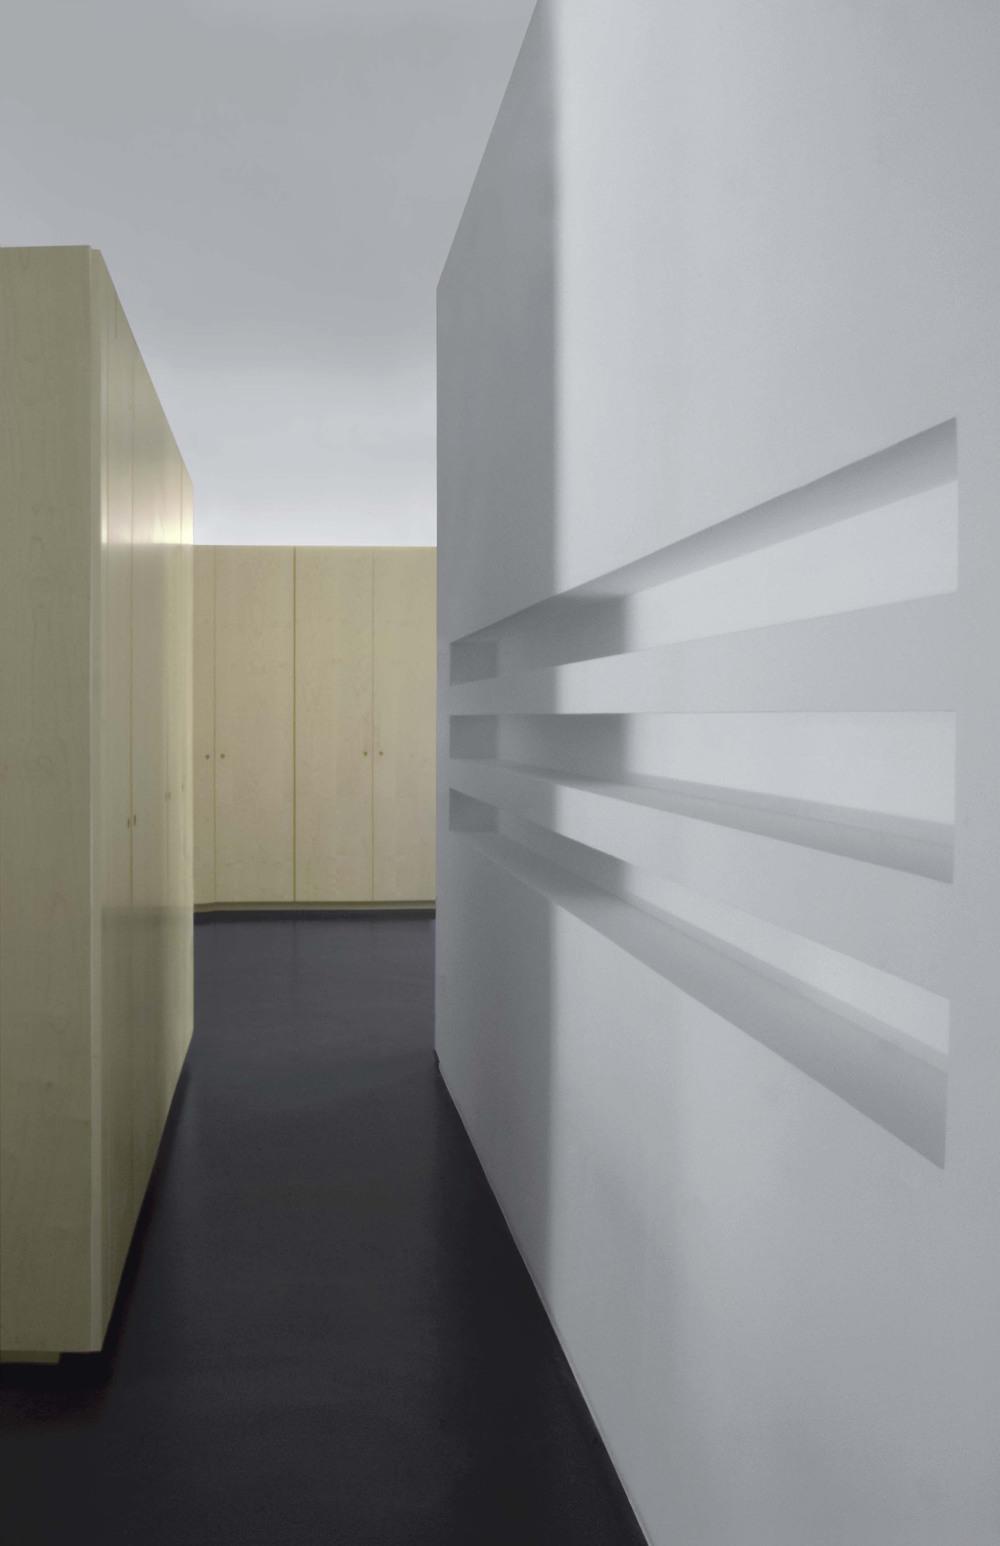 L'ingresso, con i bliocchi di arredo in legno che organizzano la casa e tre grandi nicchie per i CD ricavate nella parete.